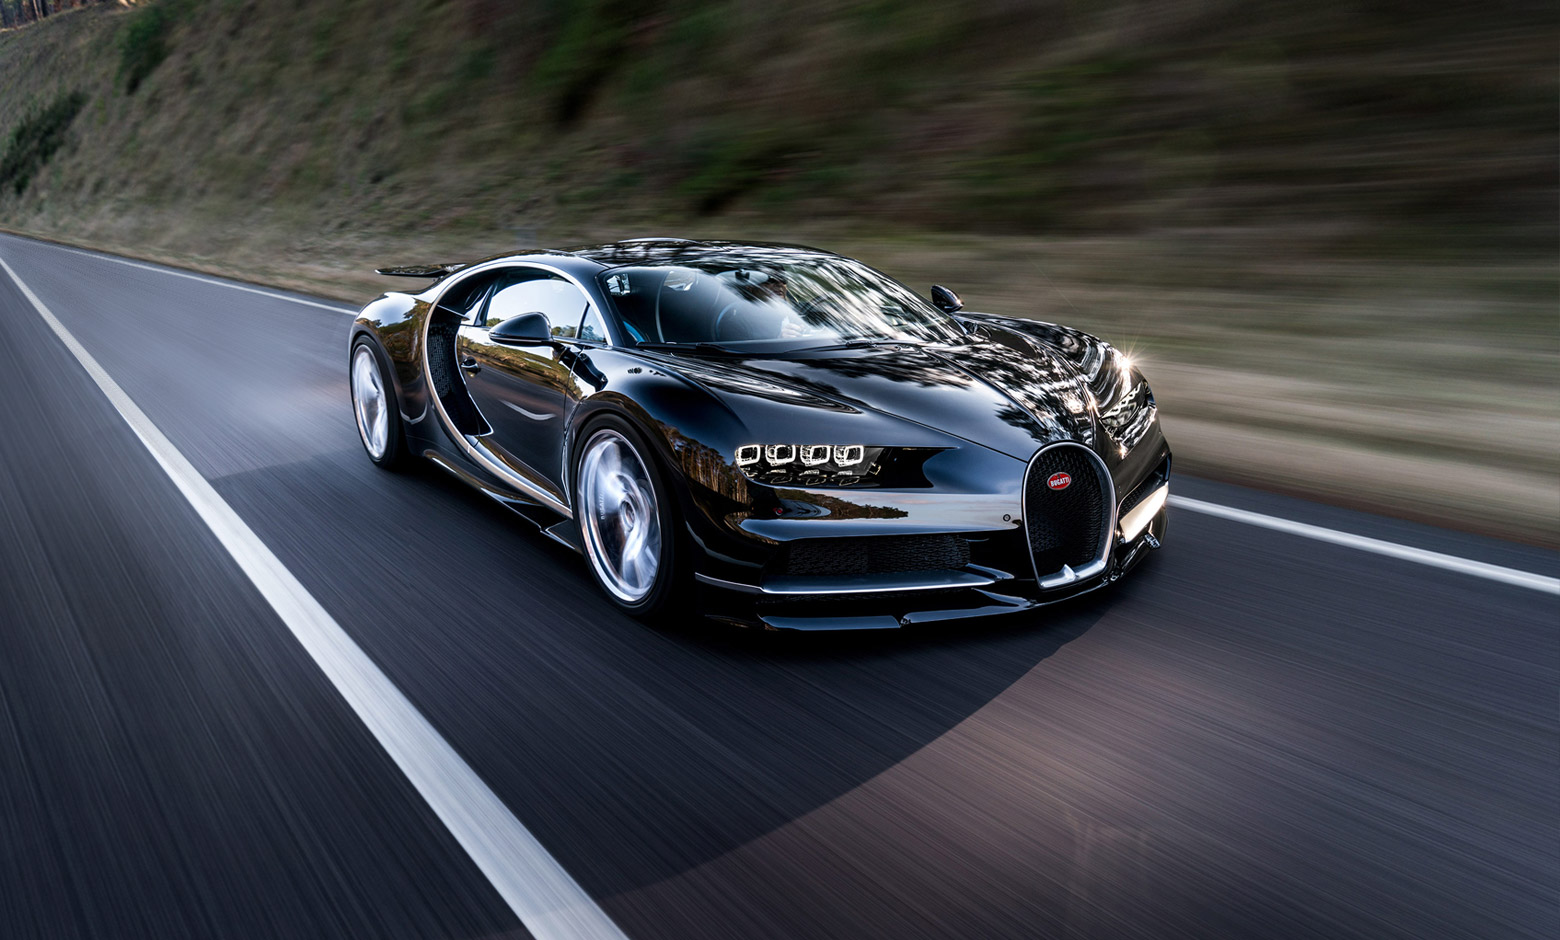 bugatti-chiron-picture-1